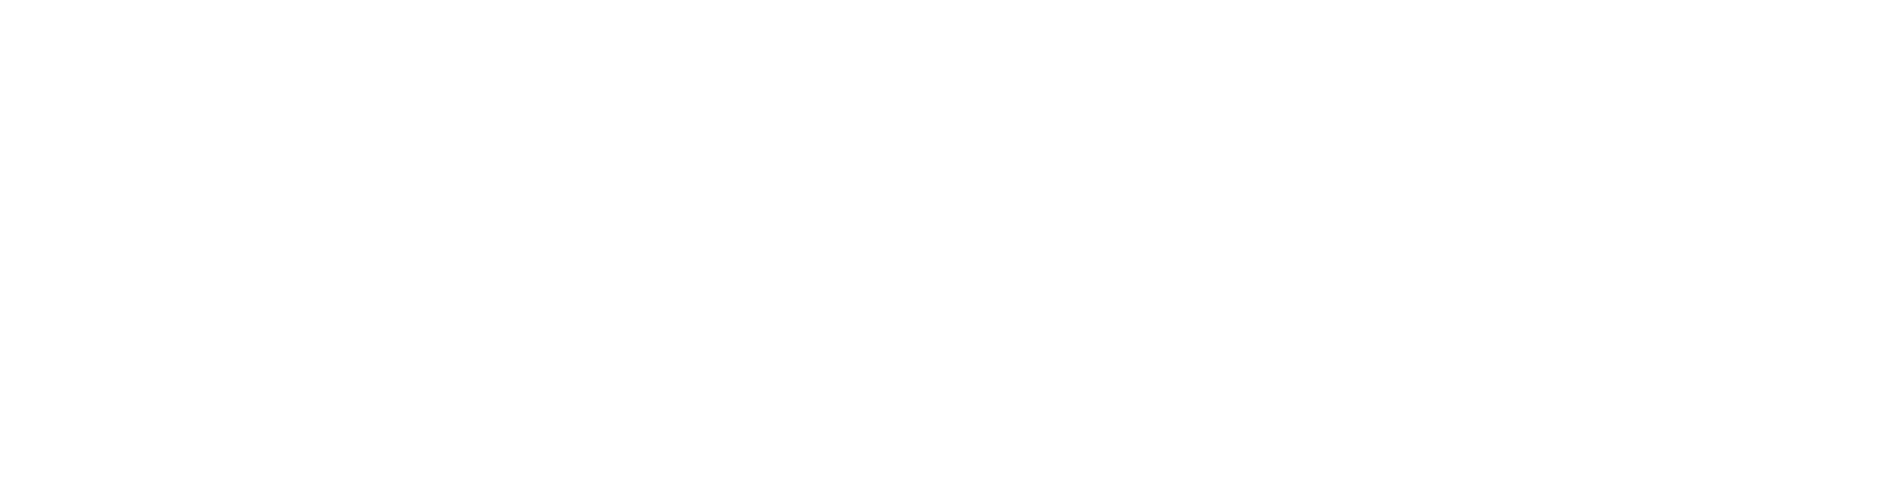 franquedo-hostnet-cikluz.com-agência-comunicacao-inteligenia-negocios-marketingdigital